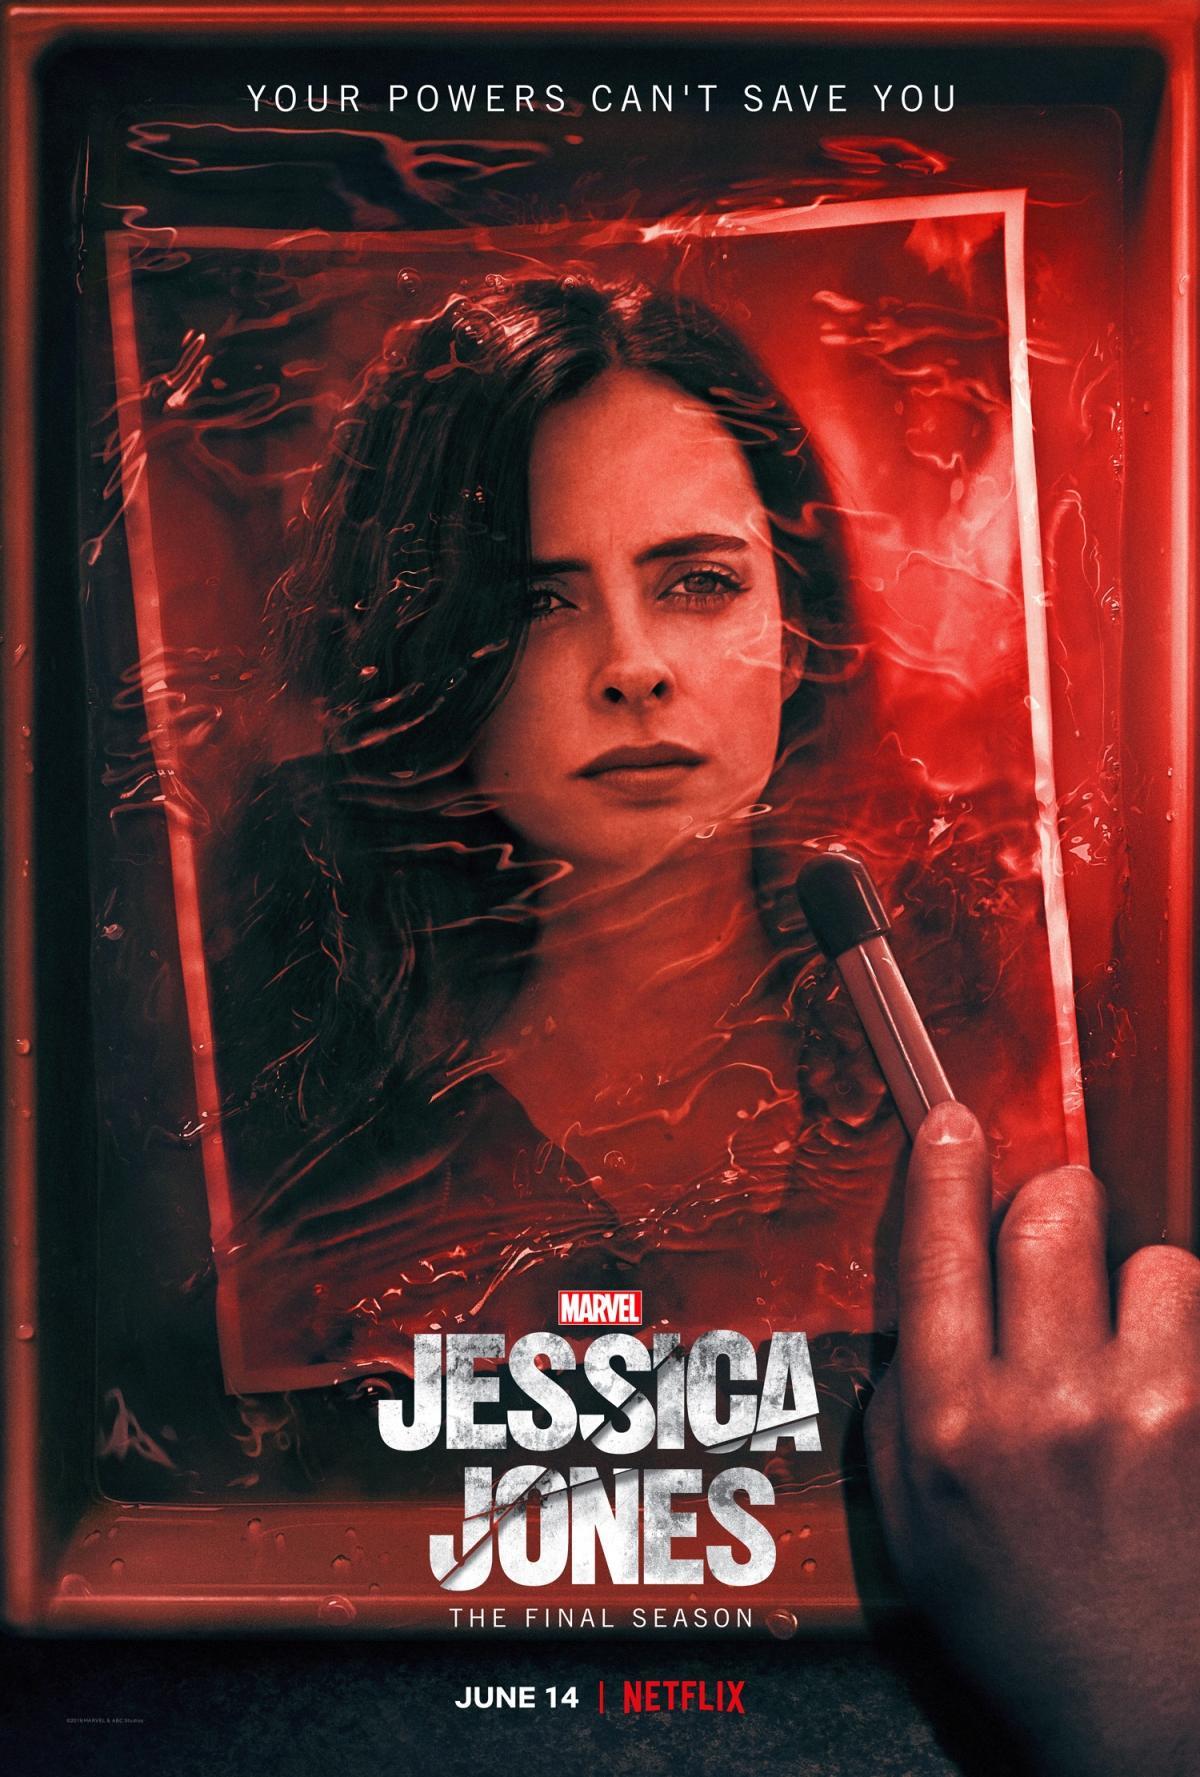 REVIEW – Marvel's Jessica Jones S3